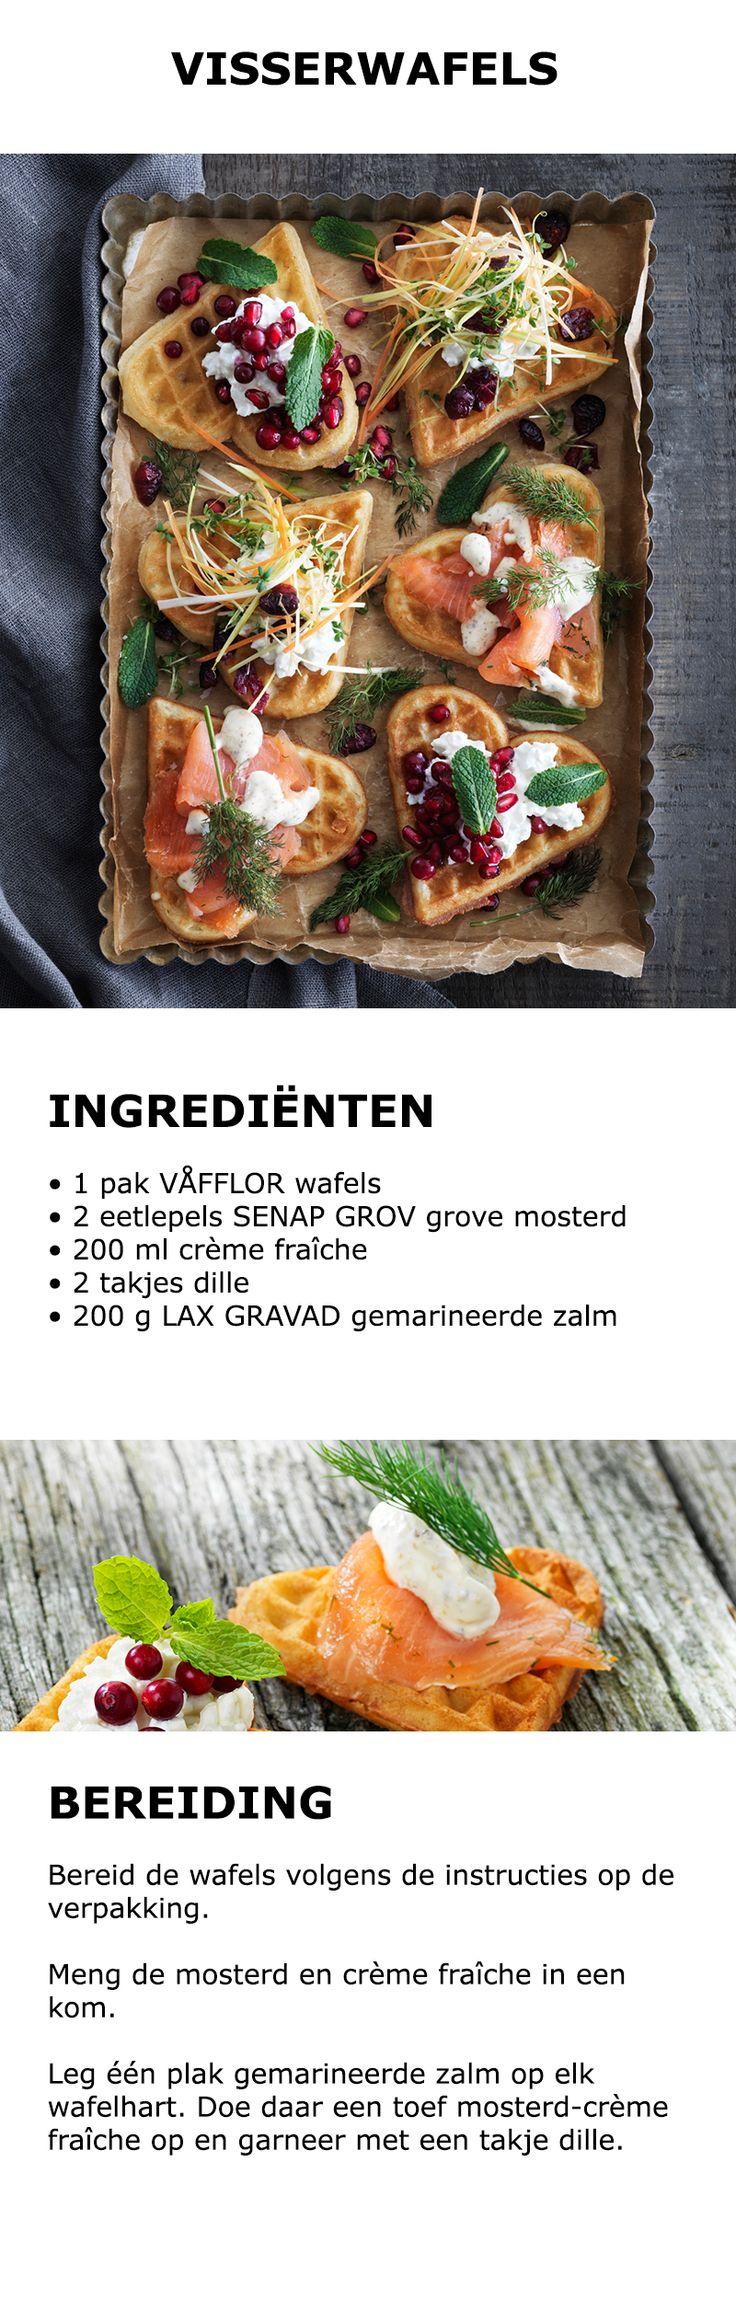 Inspiratie voor in de keuken - Visserwafels | #IKEA #IKEAnl #koken #gerecht #recept #wafel #hartje #zalm